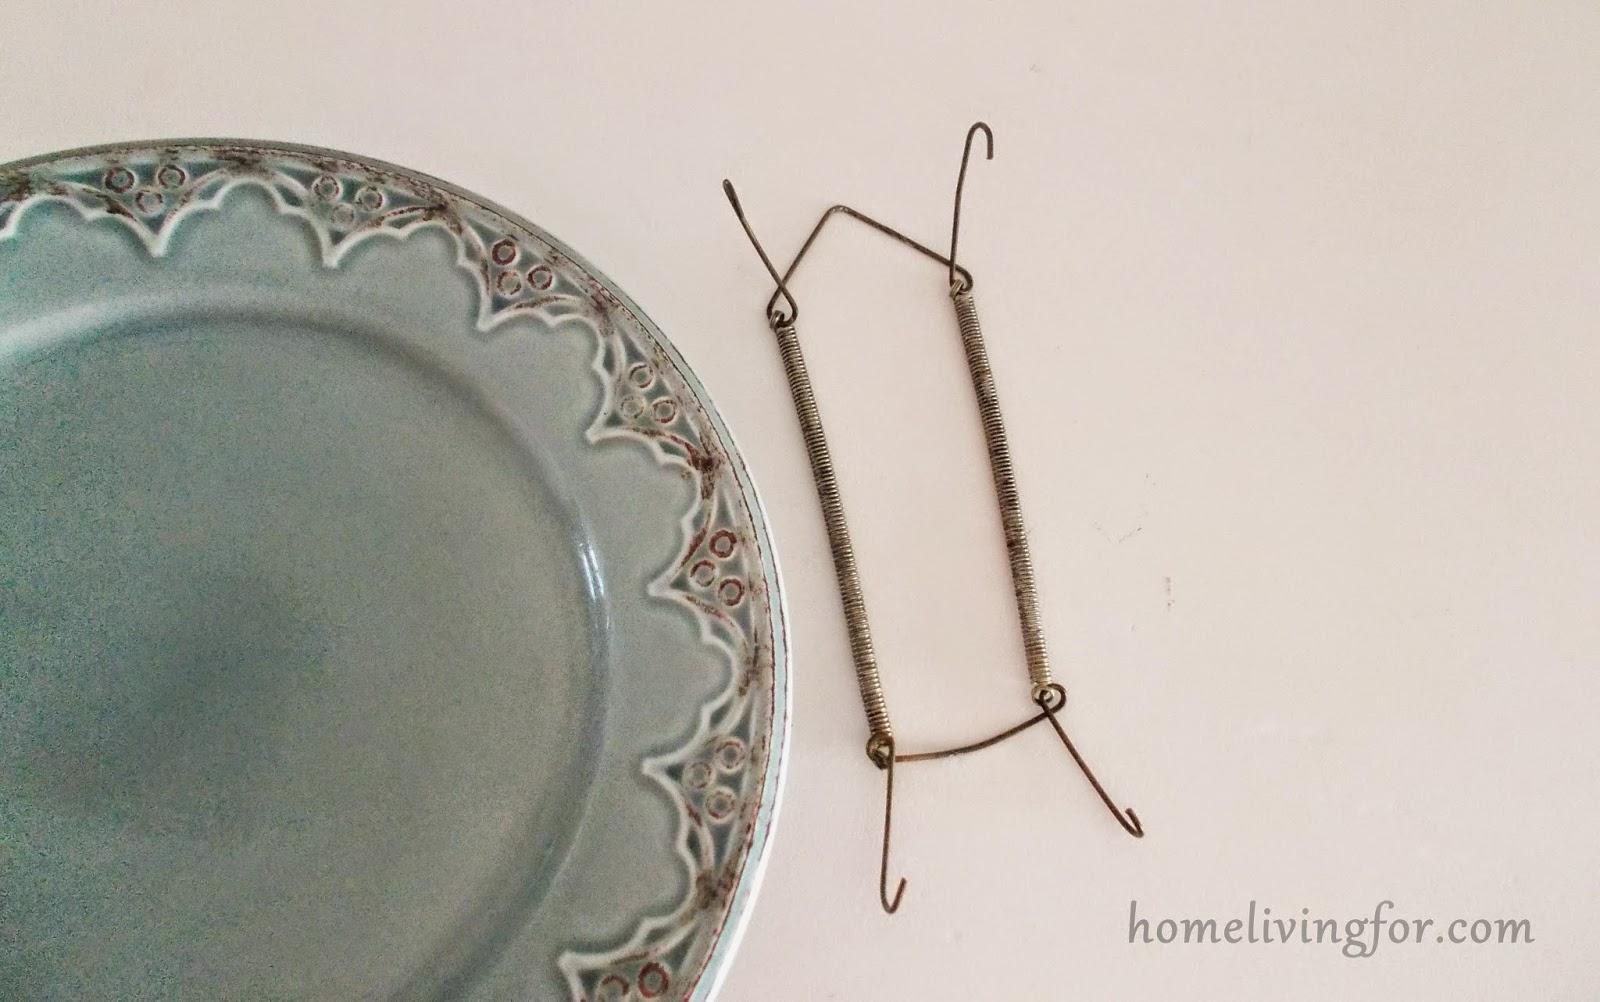 Home living for: Como colocar pratos na parede #61493C 1600x1002